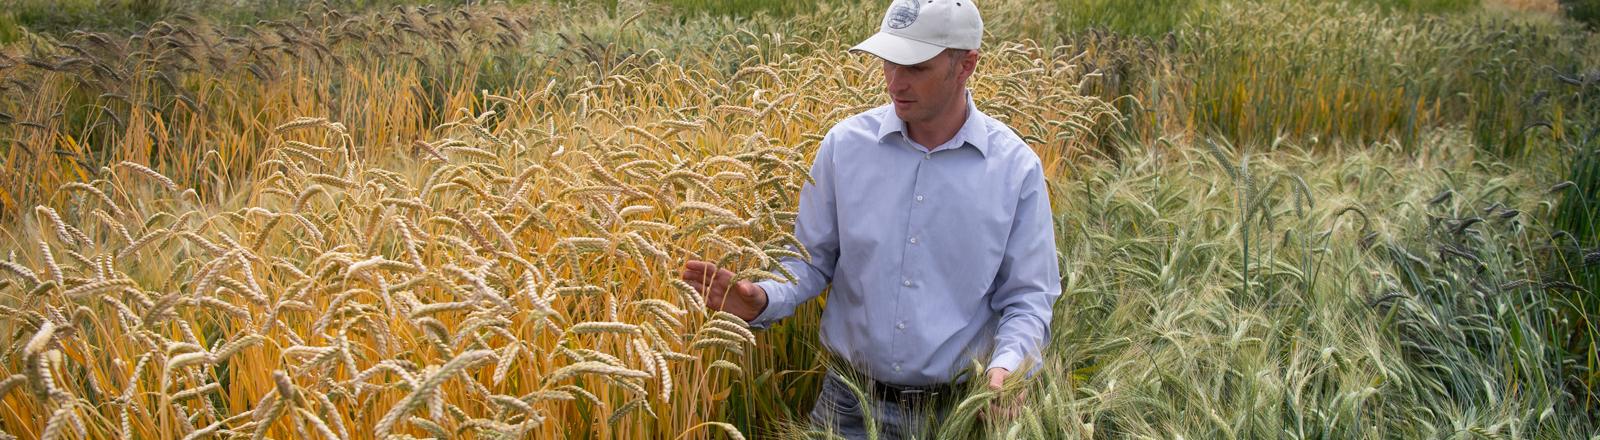 Mann in einem Weizenfeld